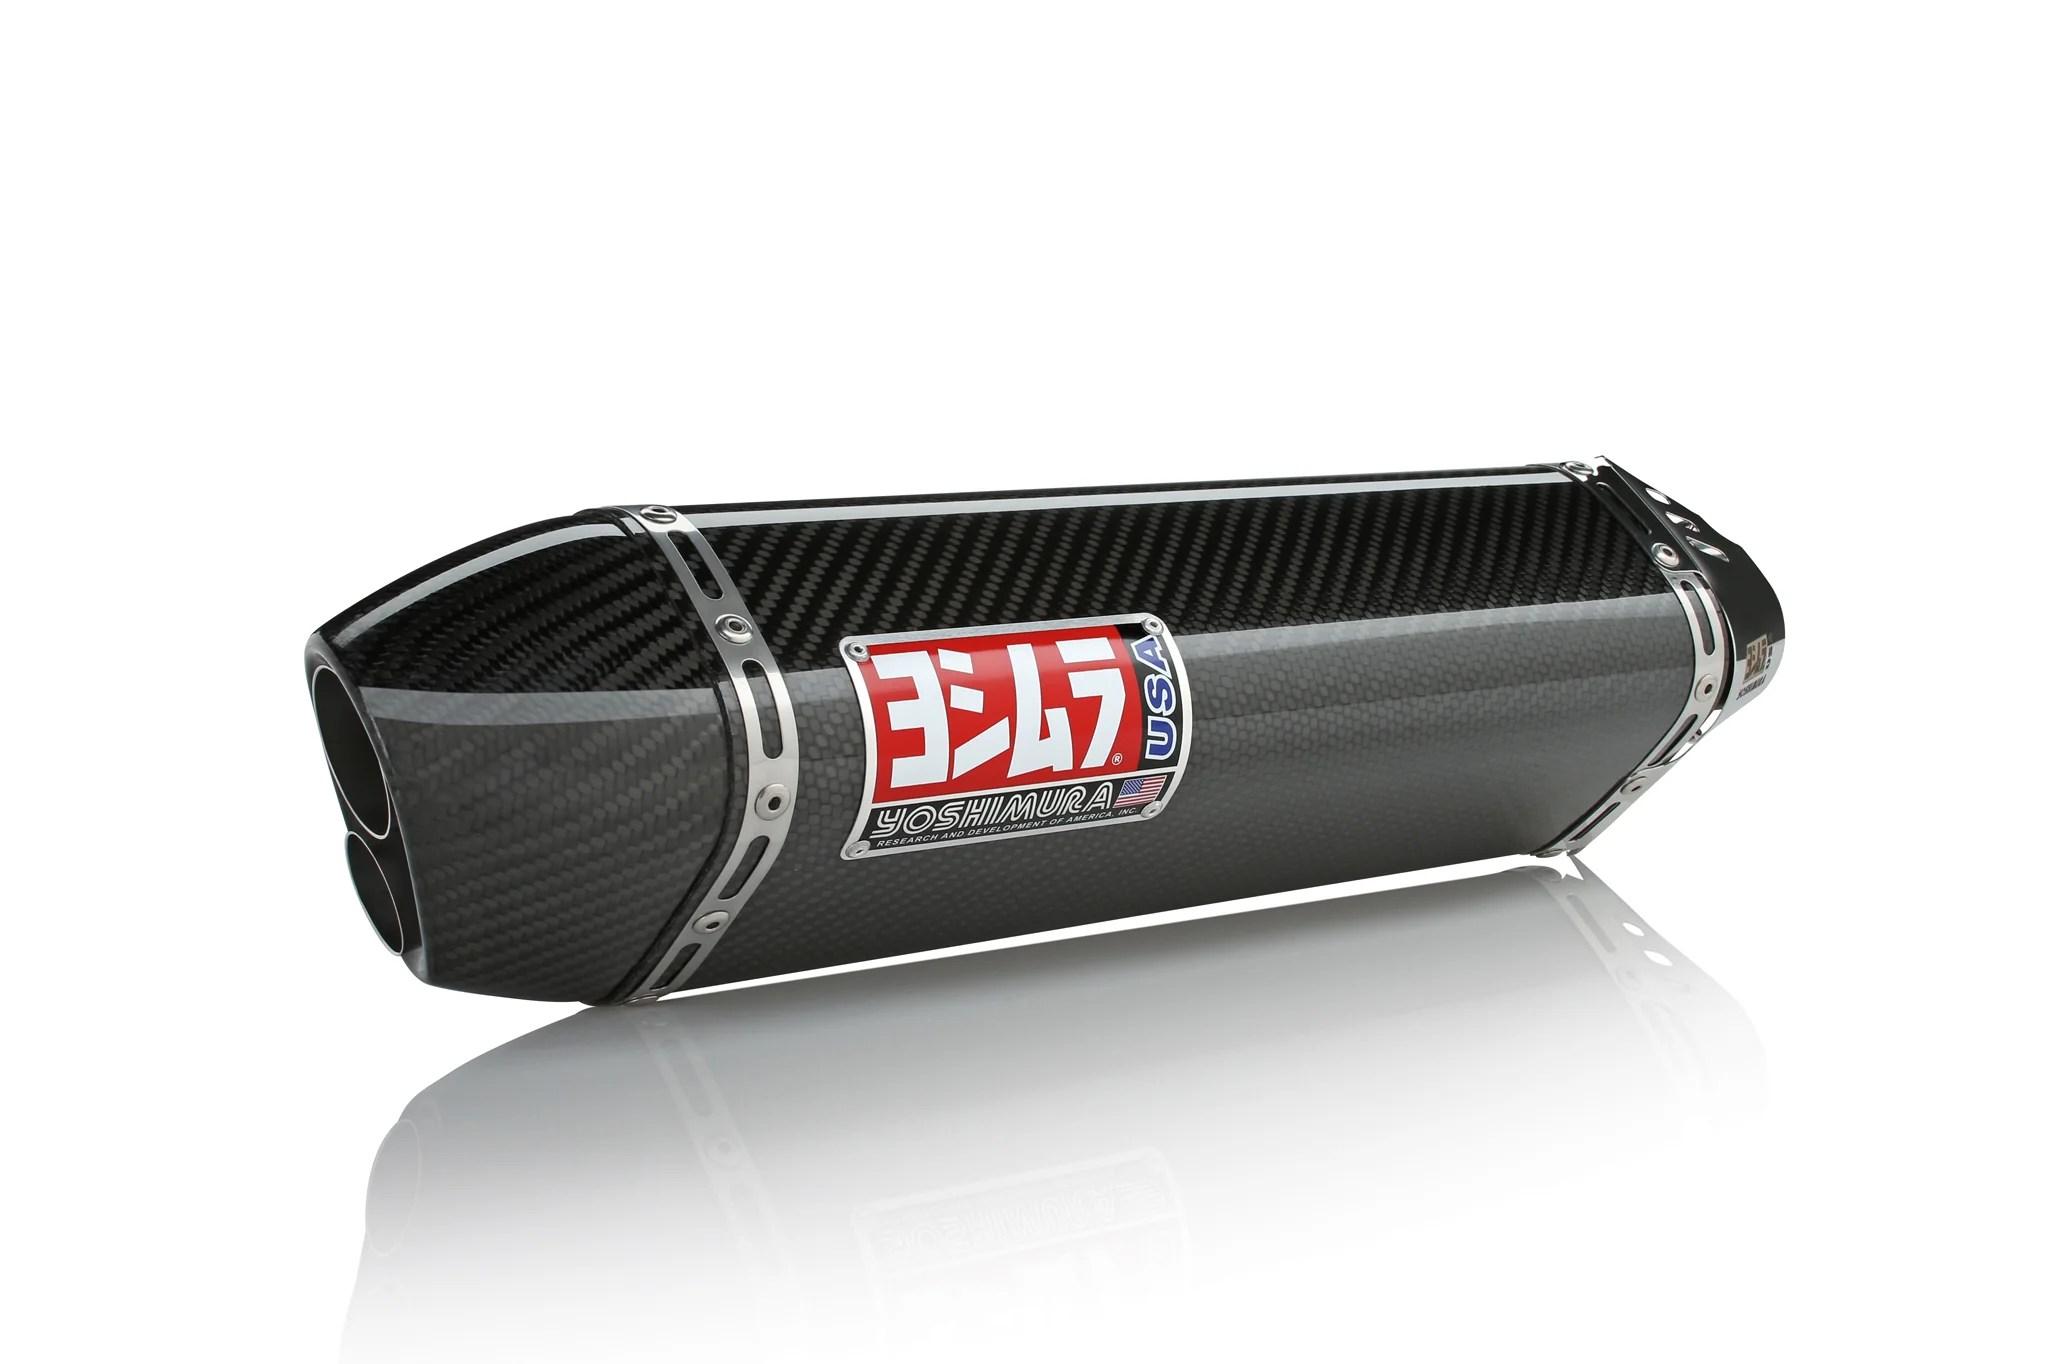 gsx r600 750 11 21 trc d stainless slip on exhaust w carbon fiber muffler